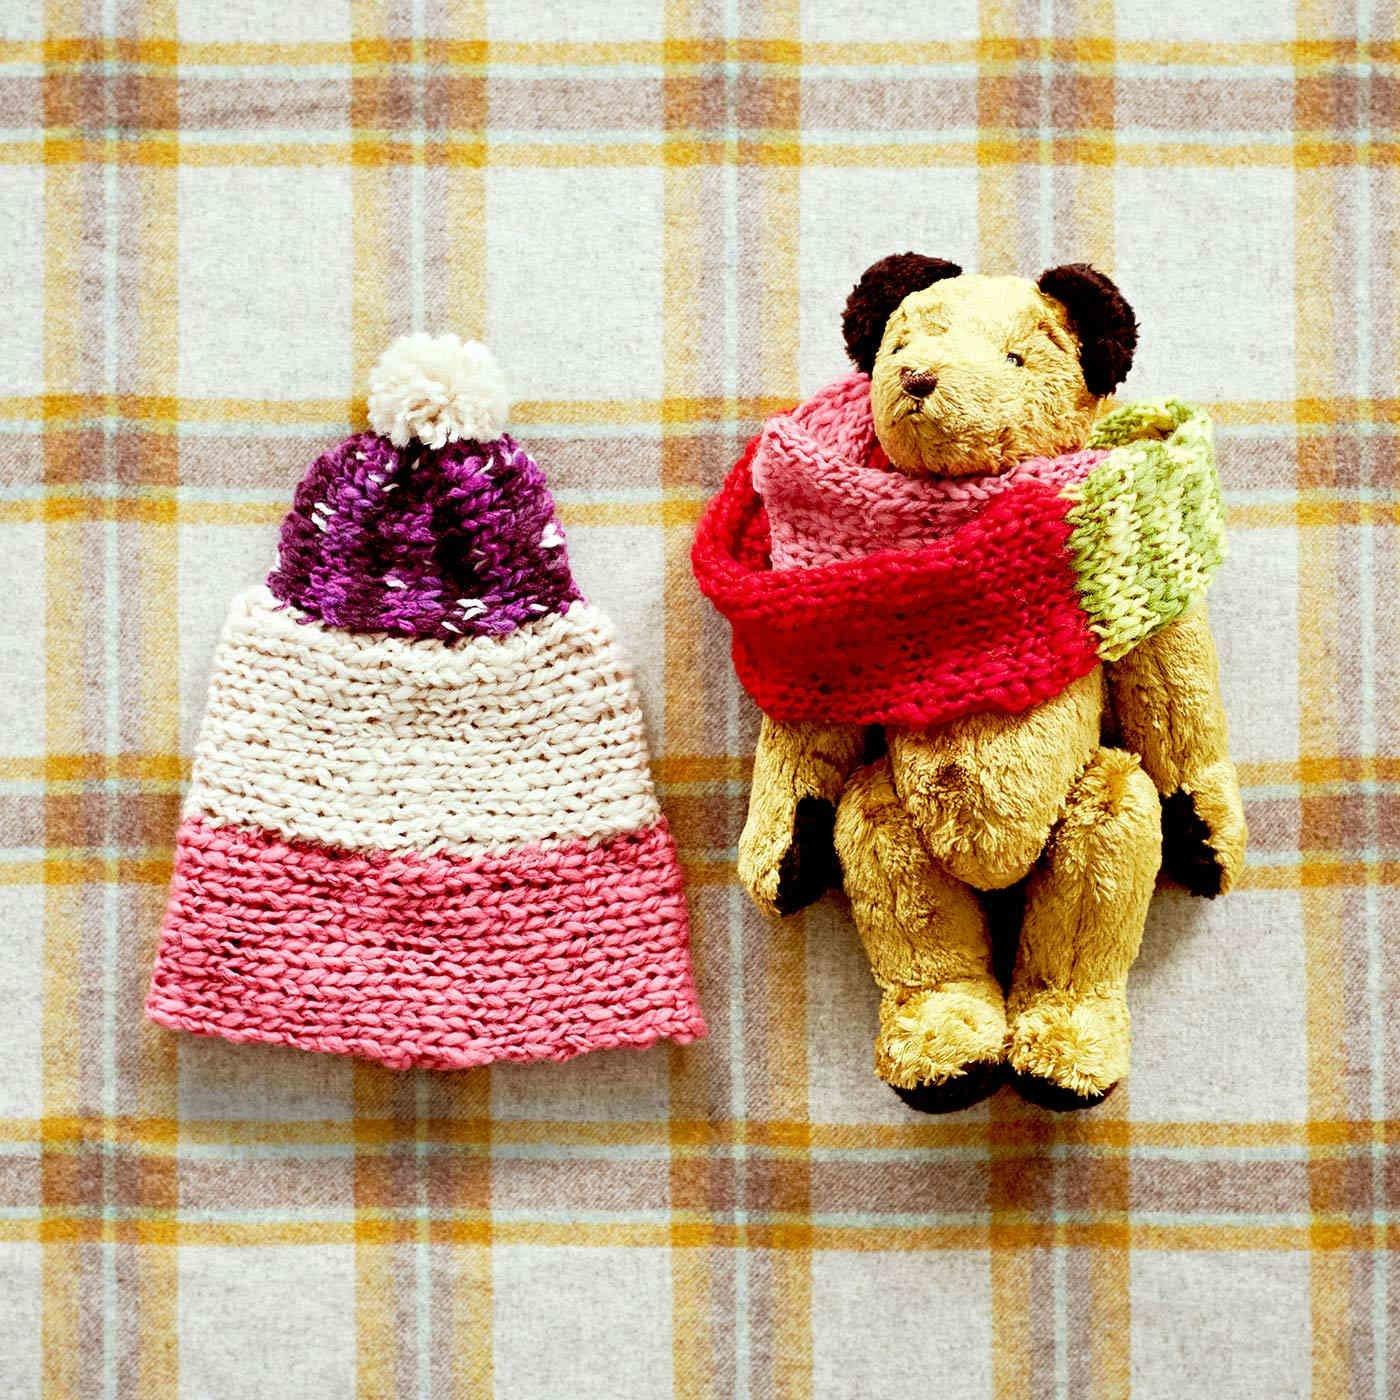 ママと一緒にやってみよう! 宝物が完成 プレート編み小物